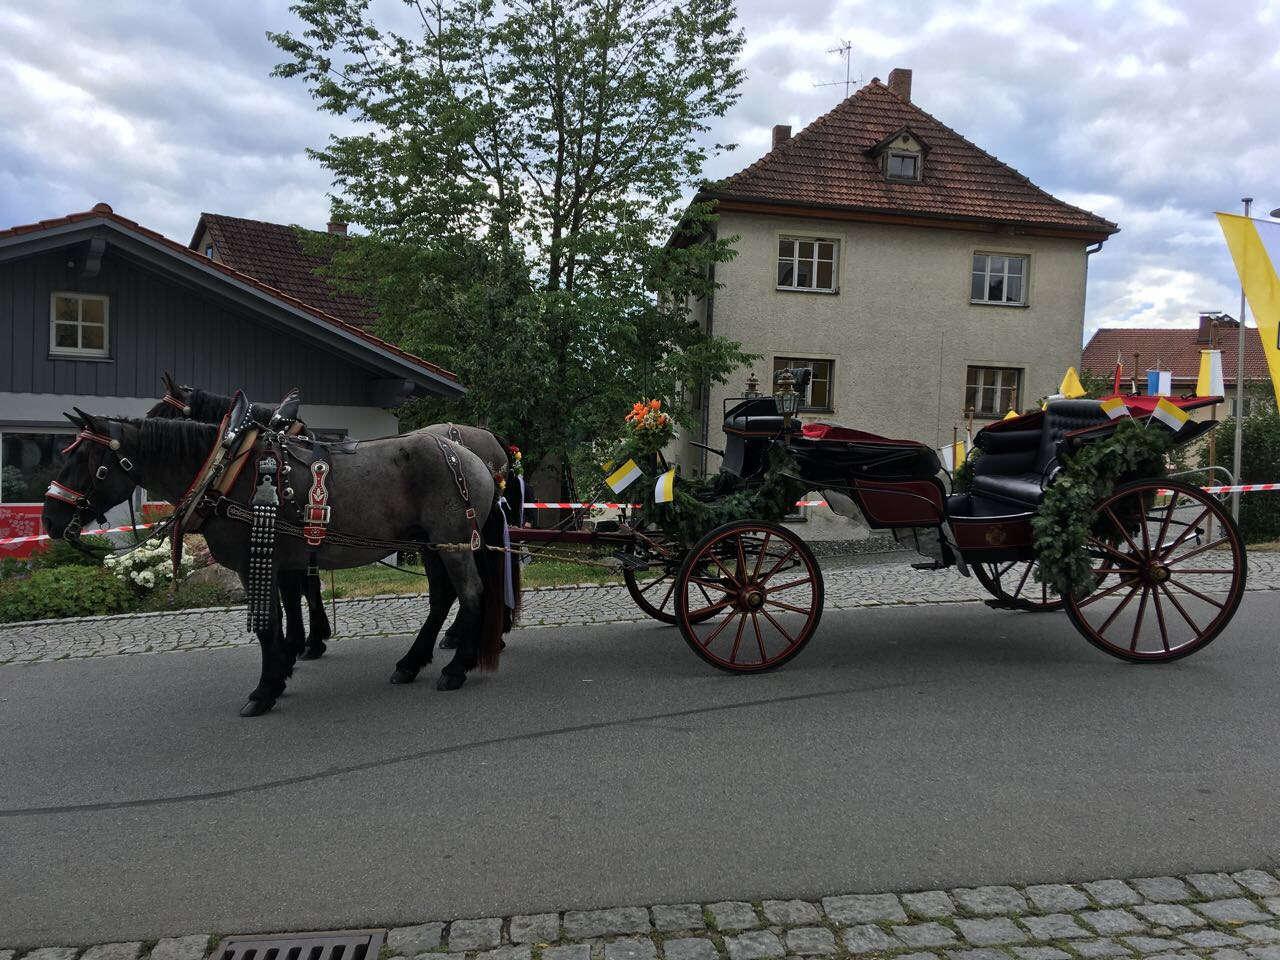 Pferdekutschen- oder Schlittenfahrten